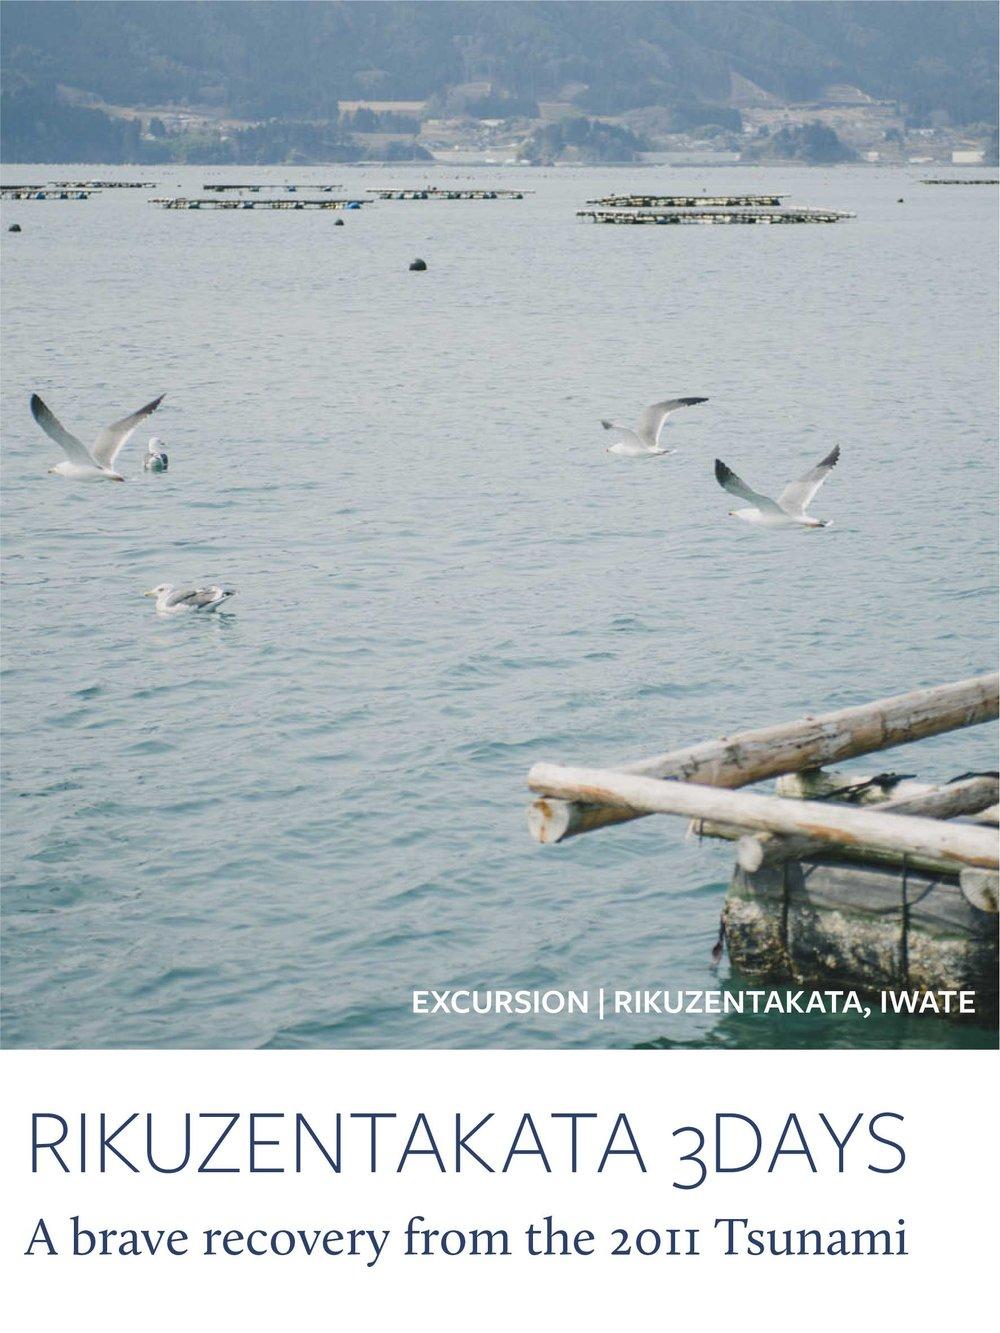 profile_iwate_japanese_excursion_rikuzentakata_2n3d.jpg